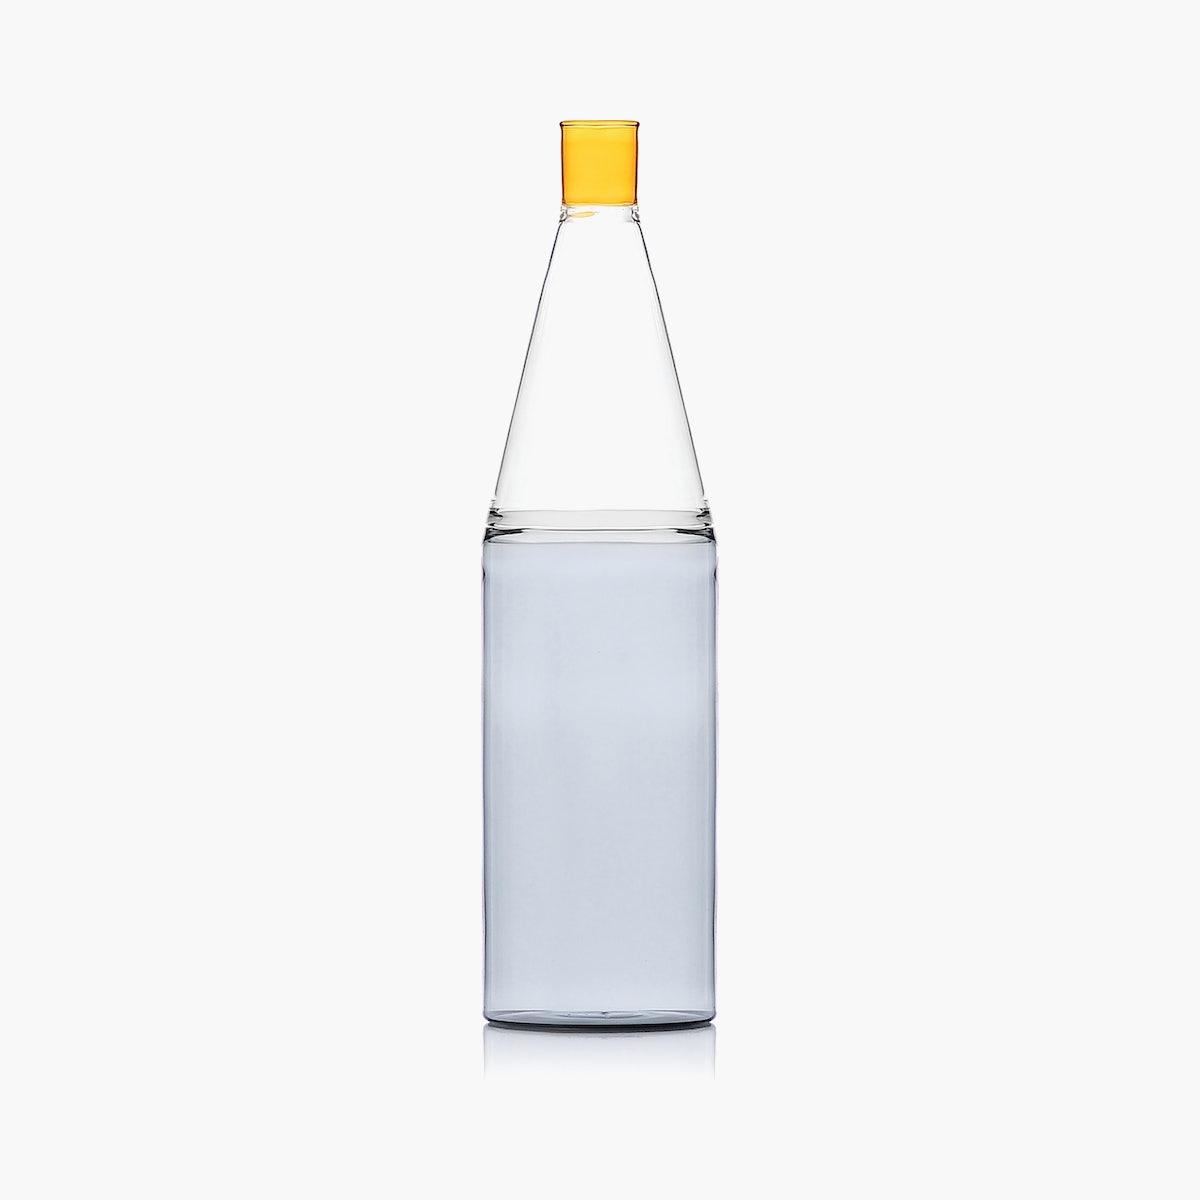 Tequila Sunrise Bottle, Smoke / Amber